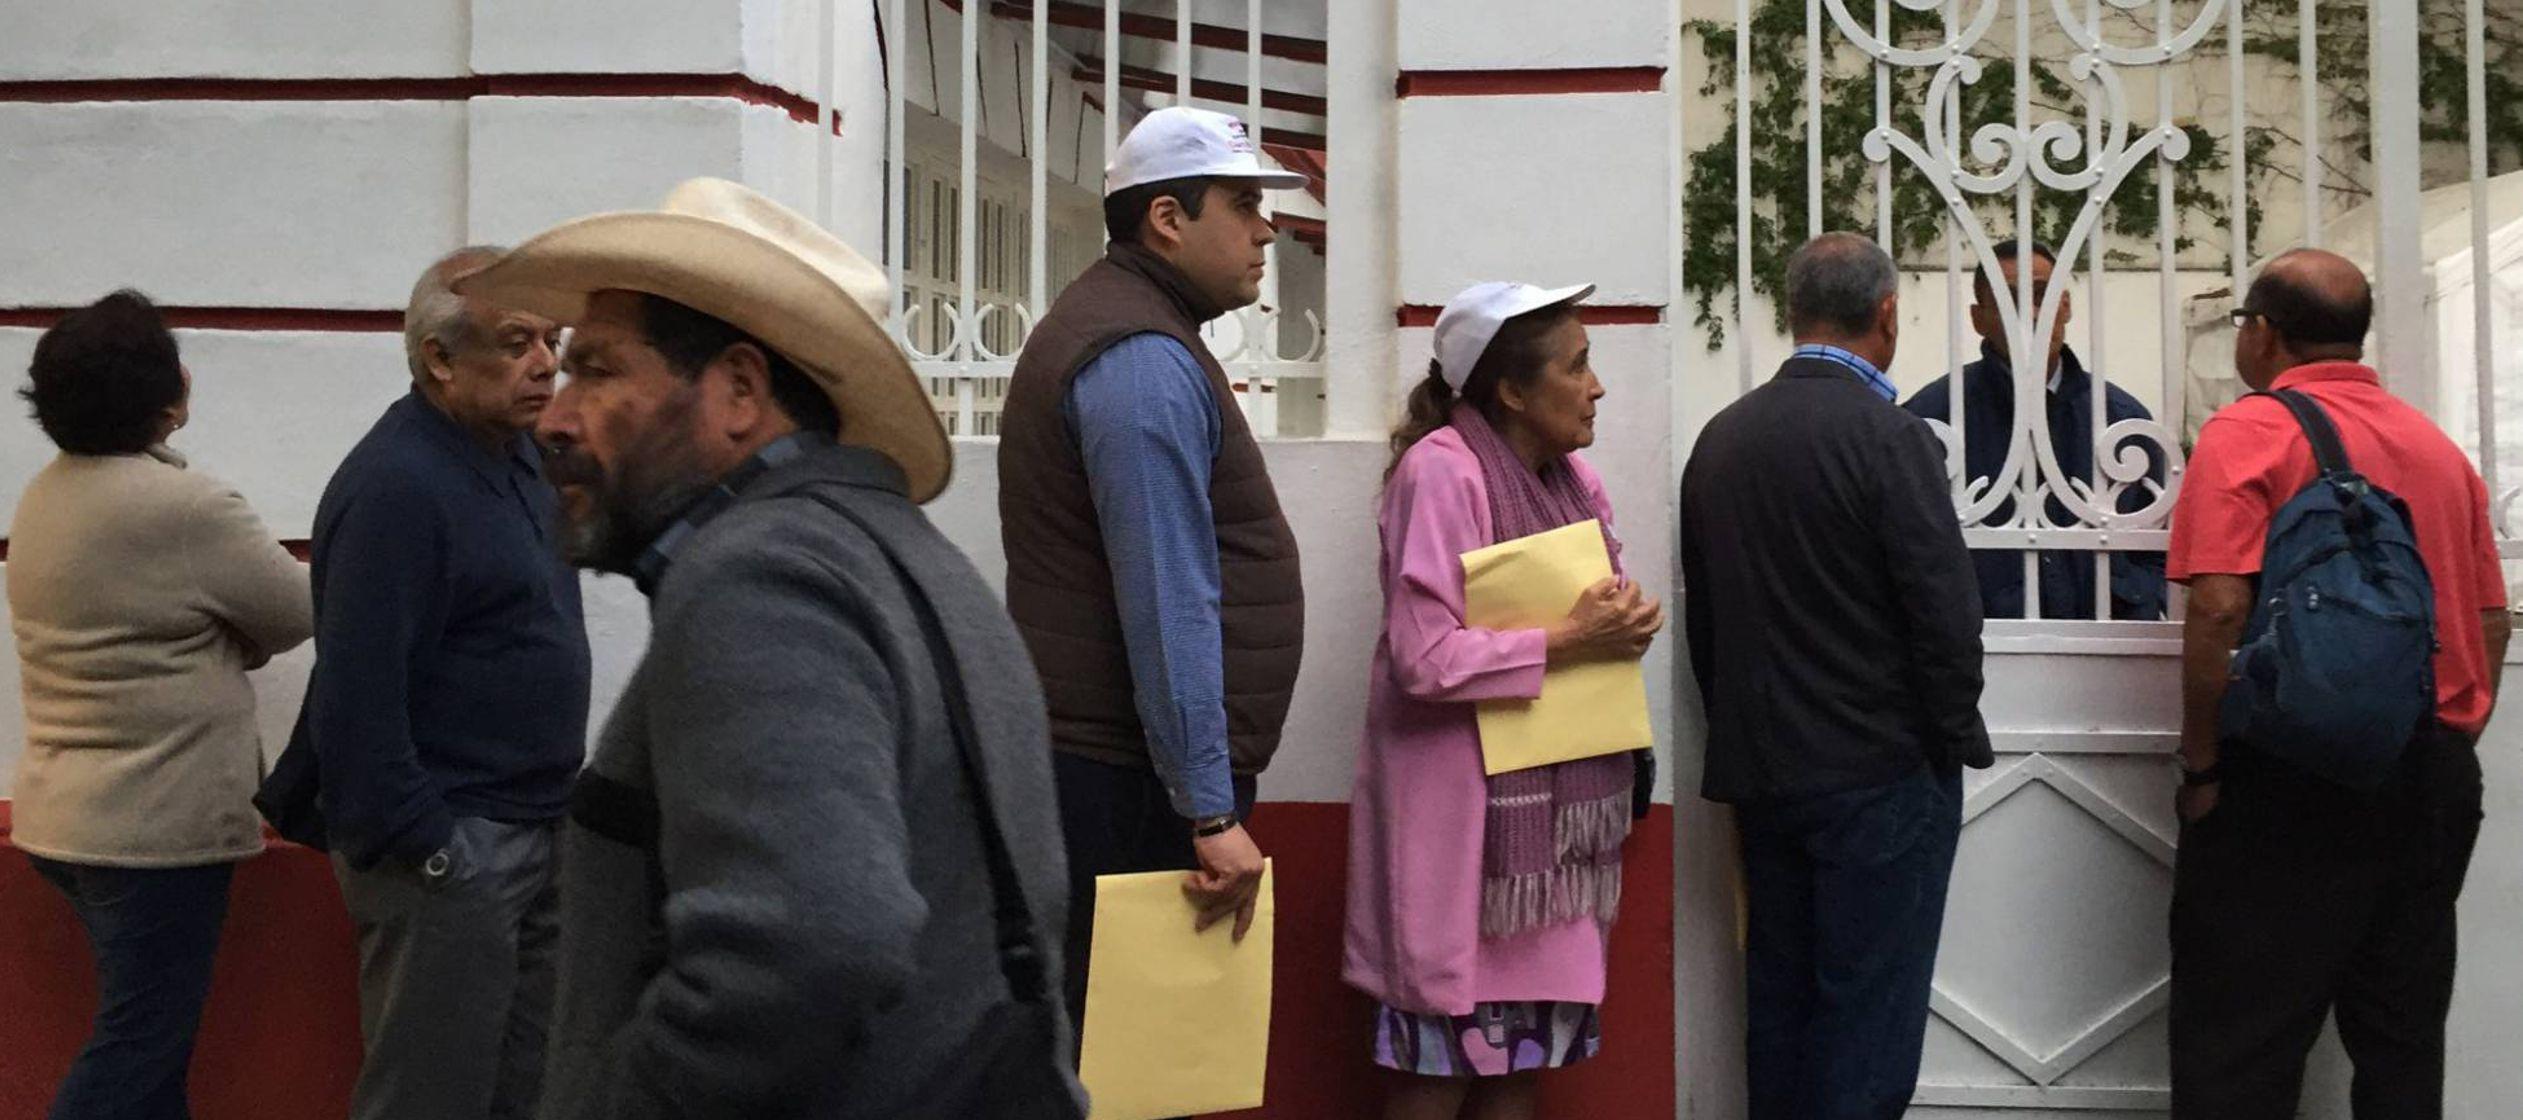 El futuro presidente de México ha insistido en que no quiere seguridad oficial y en la acera...